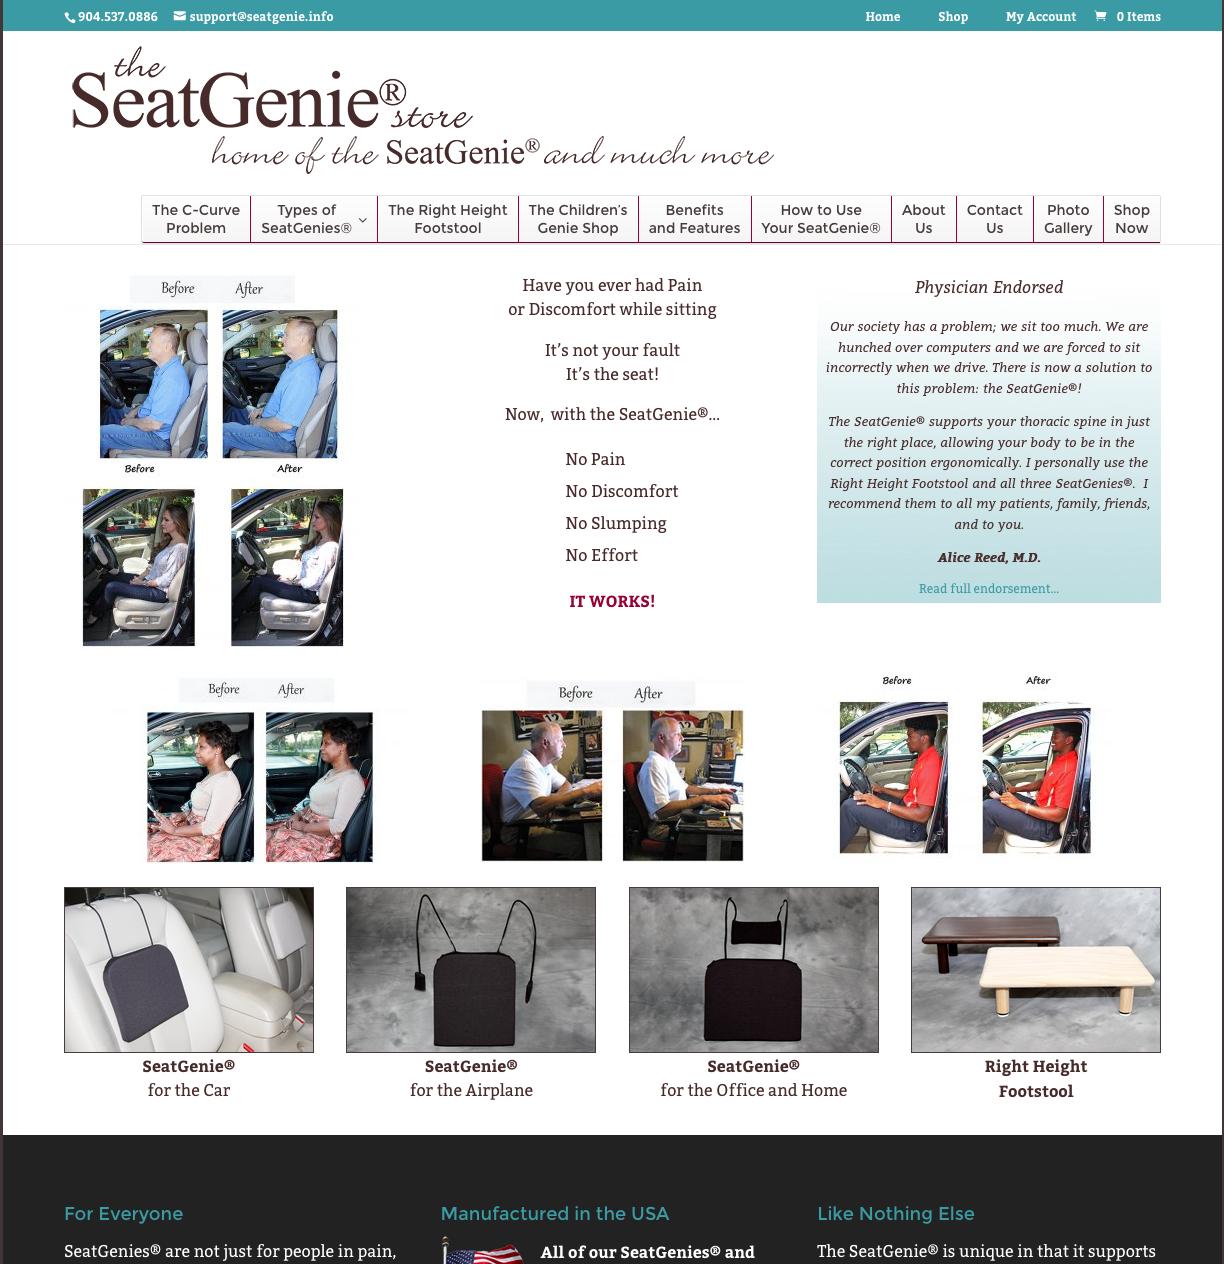 SeatGenie.info